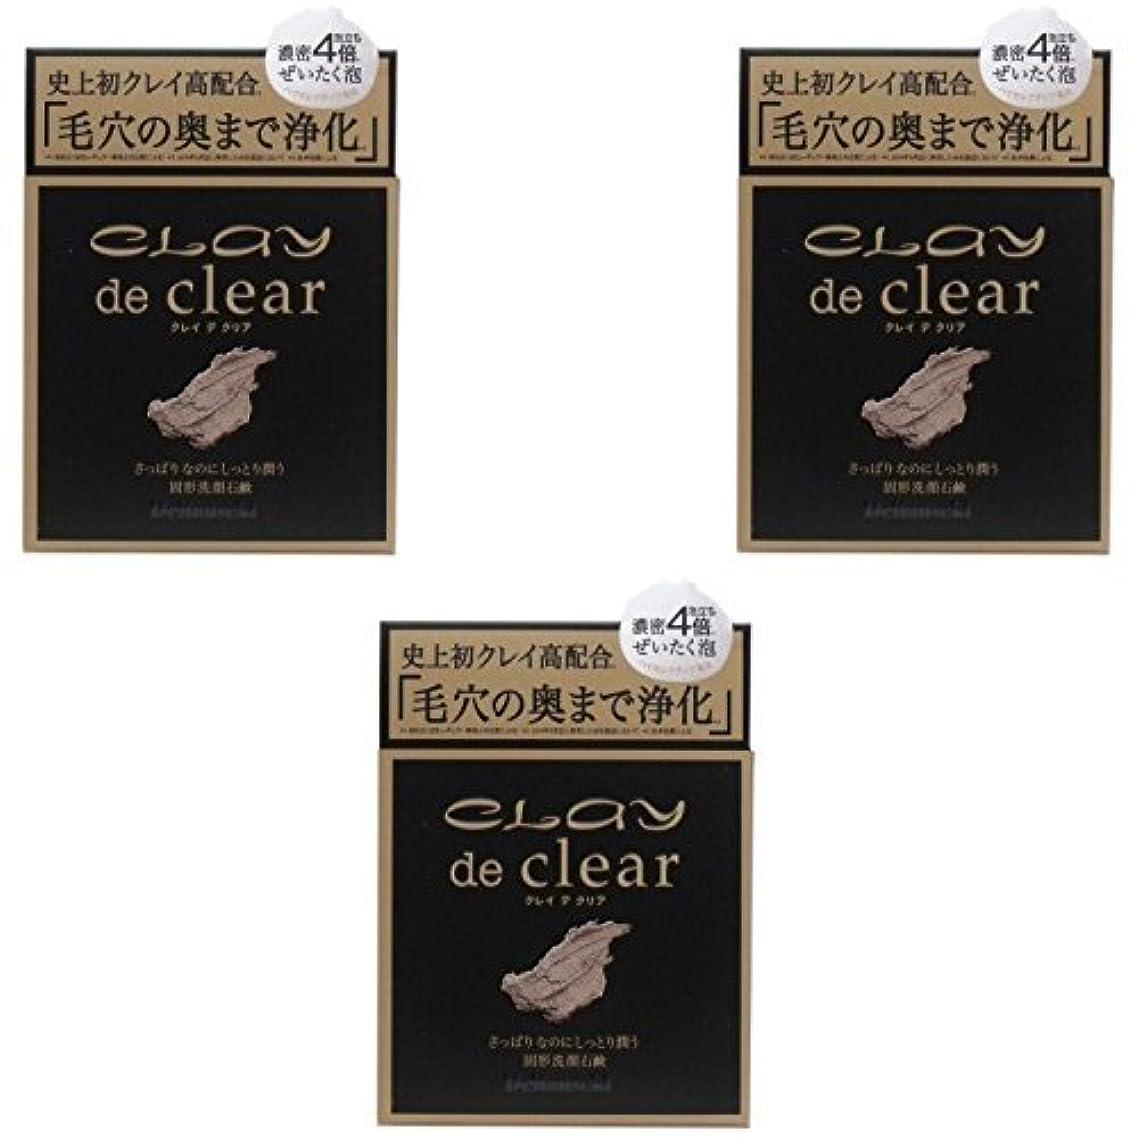 ブート意識的垂直【まとめ買い】クレイ デ クリア フェイシャルソープ 80g【×3個】